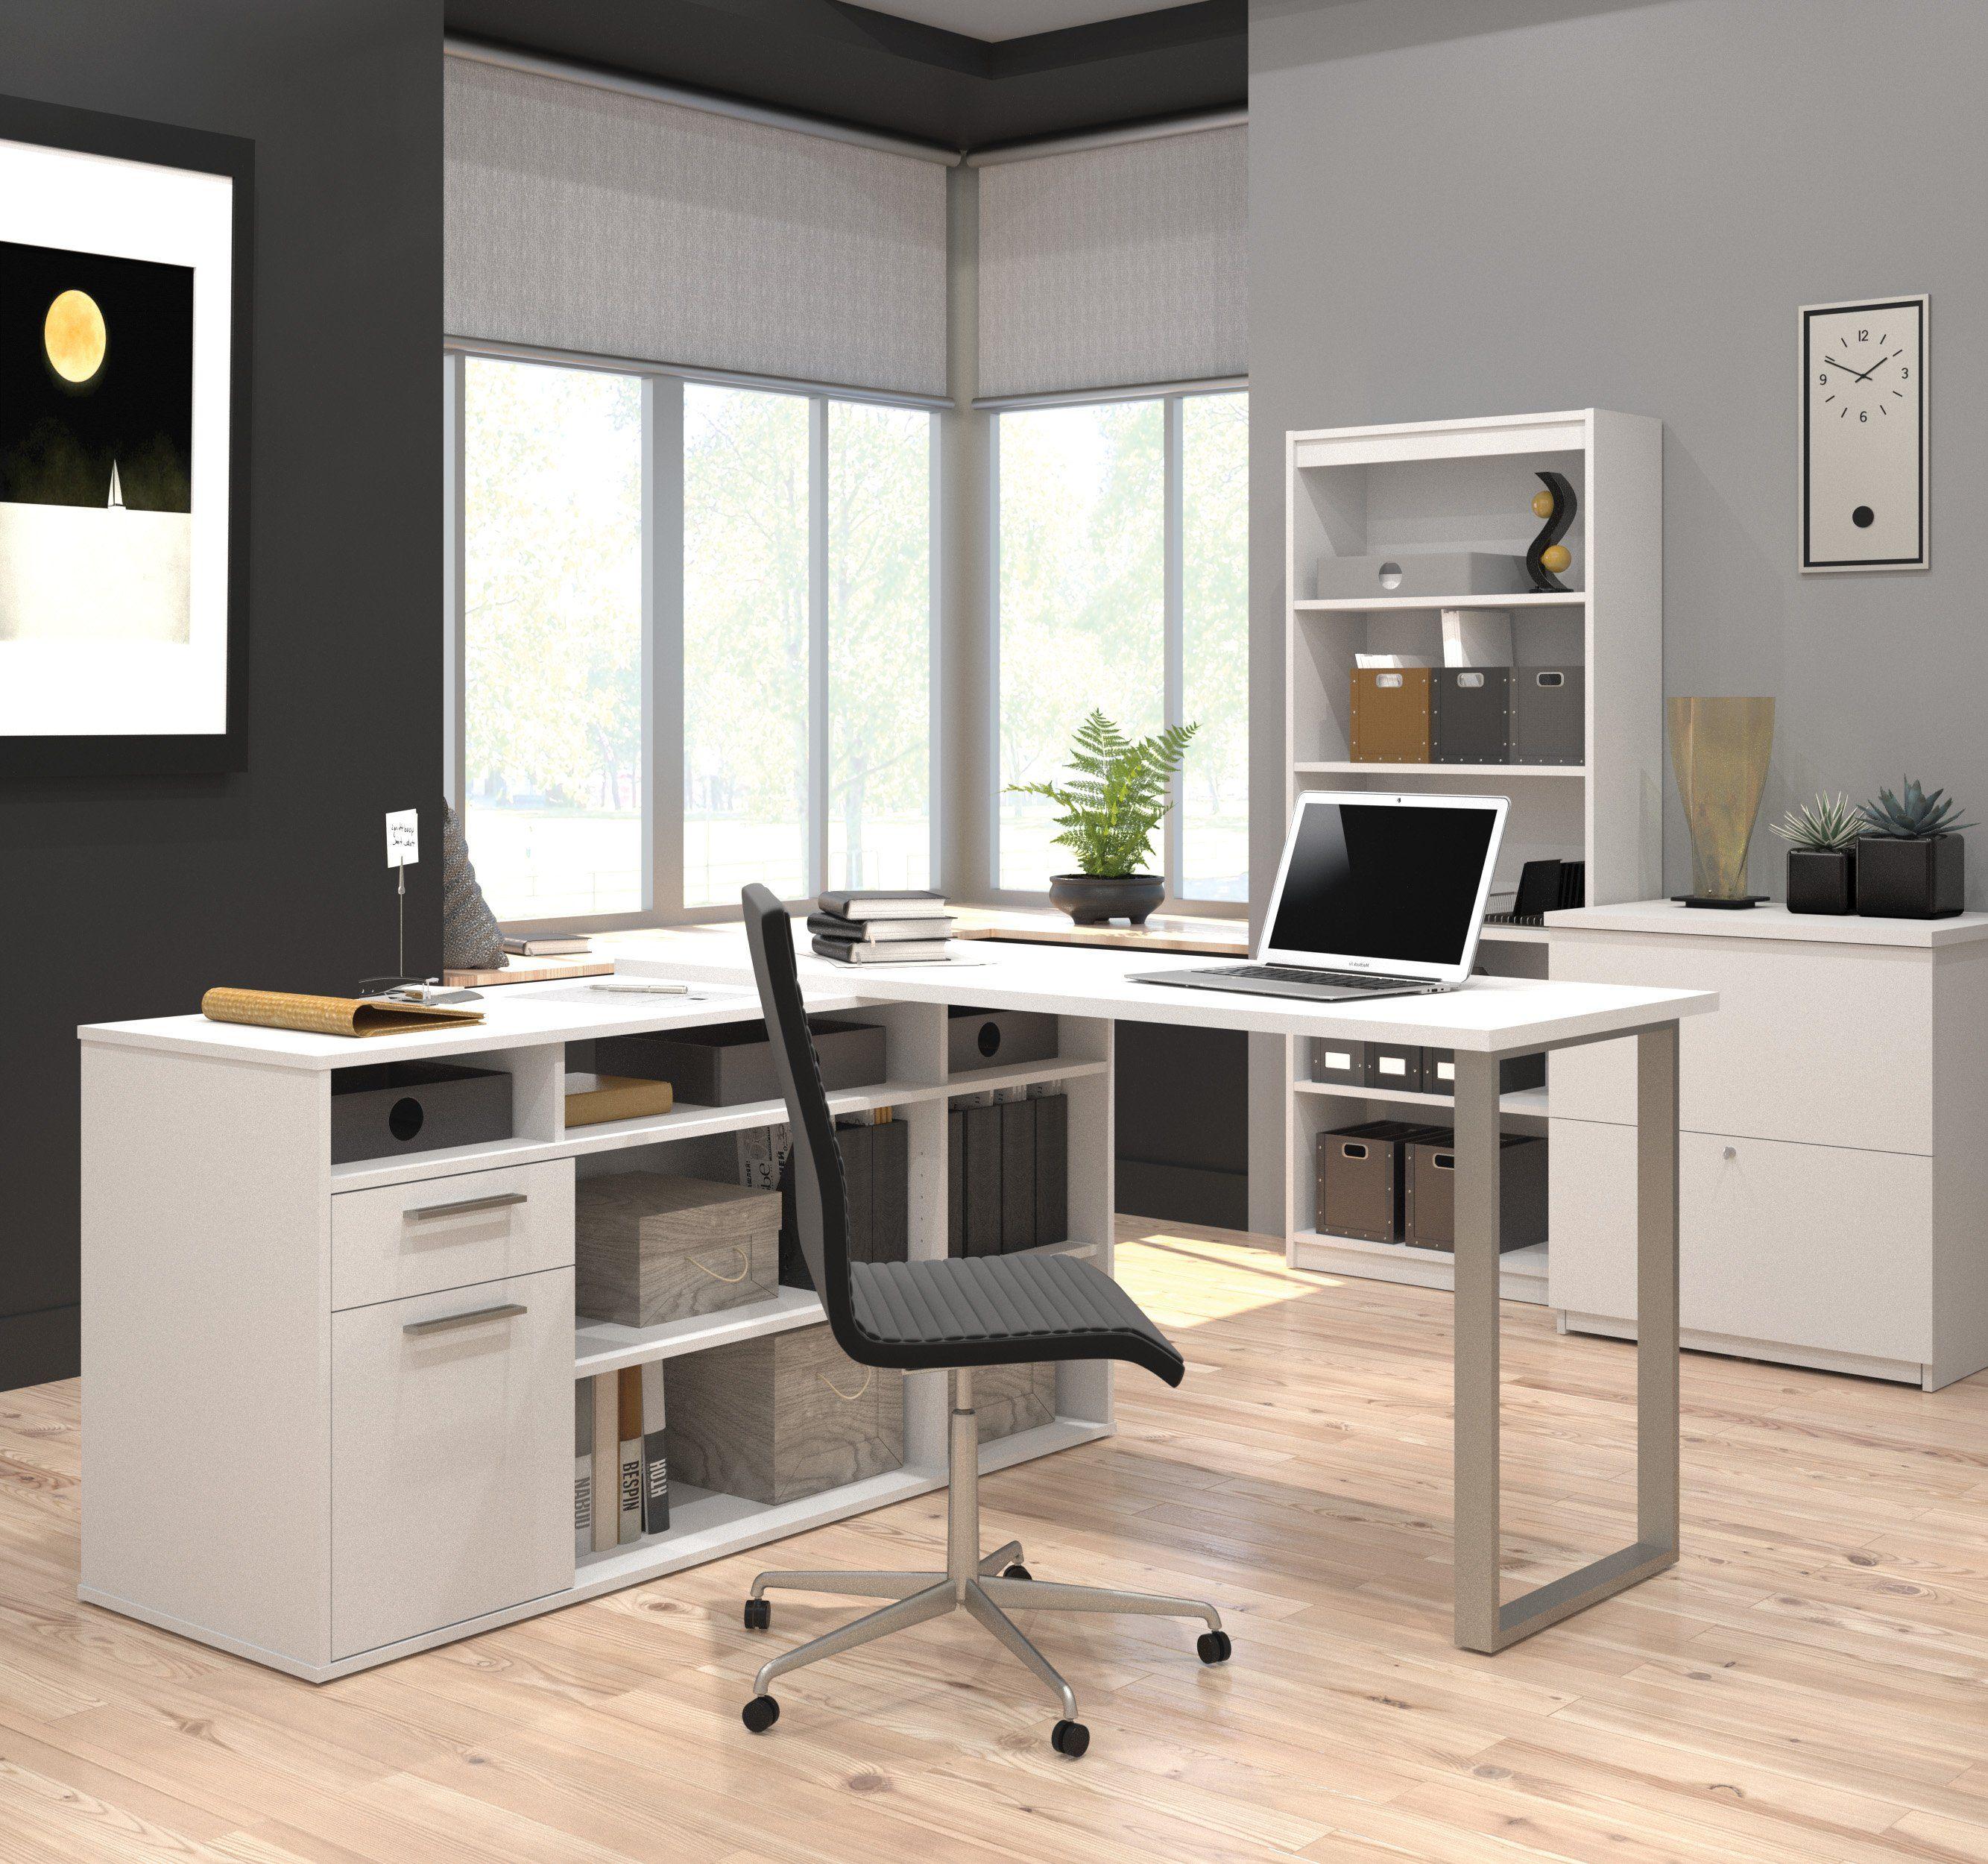 alves l shaped executive desk rh pikby com